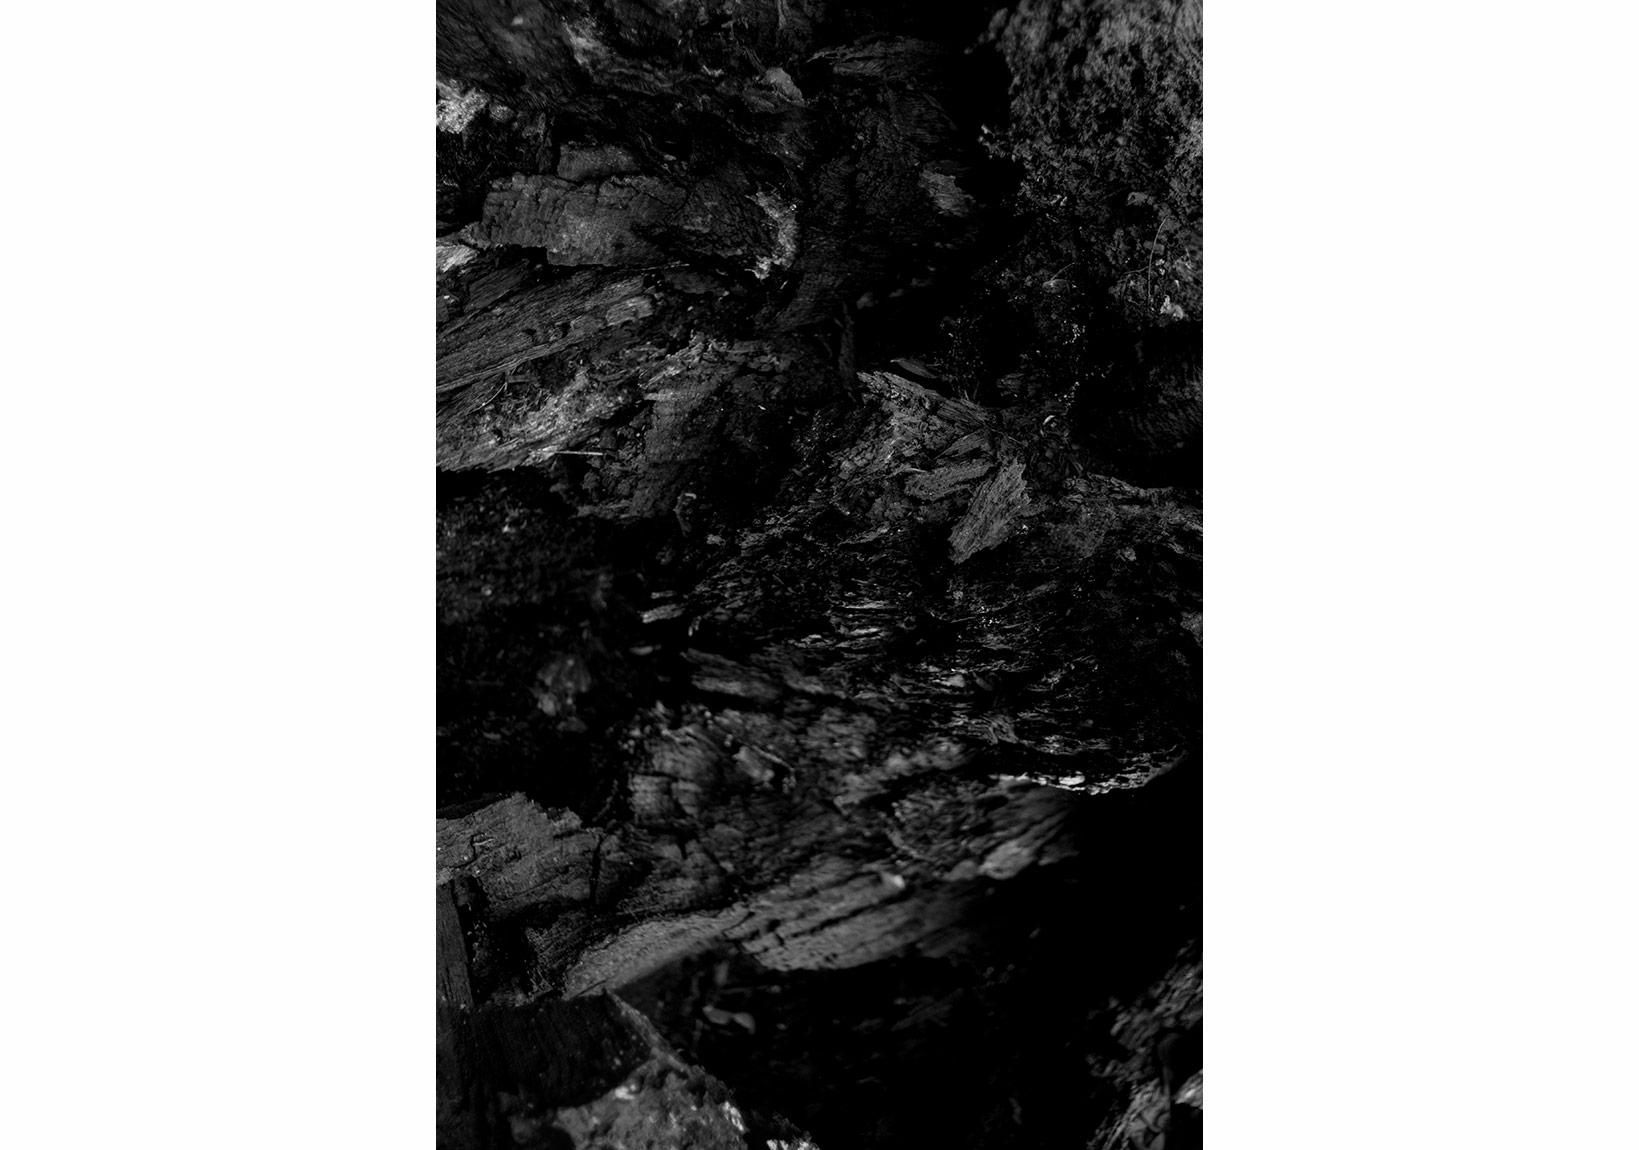 Aslı Narin, Rüzgarı Düşün/Think of the Wind(9), 2015, Diasec baskı/print, 40x27cm